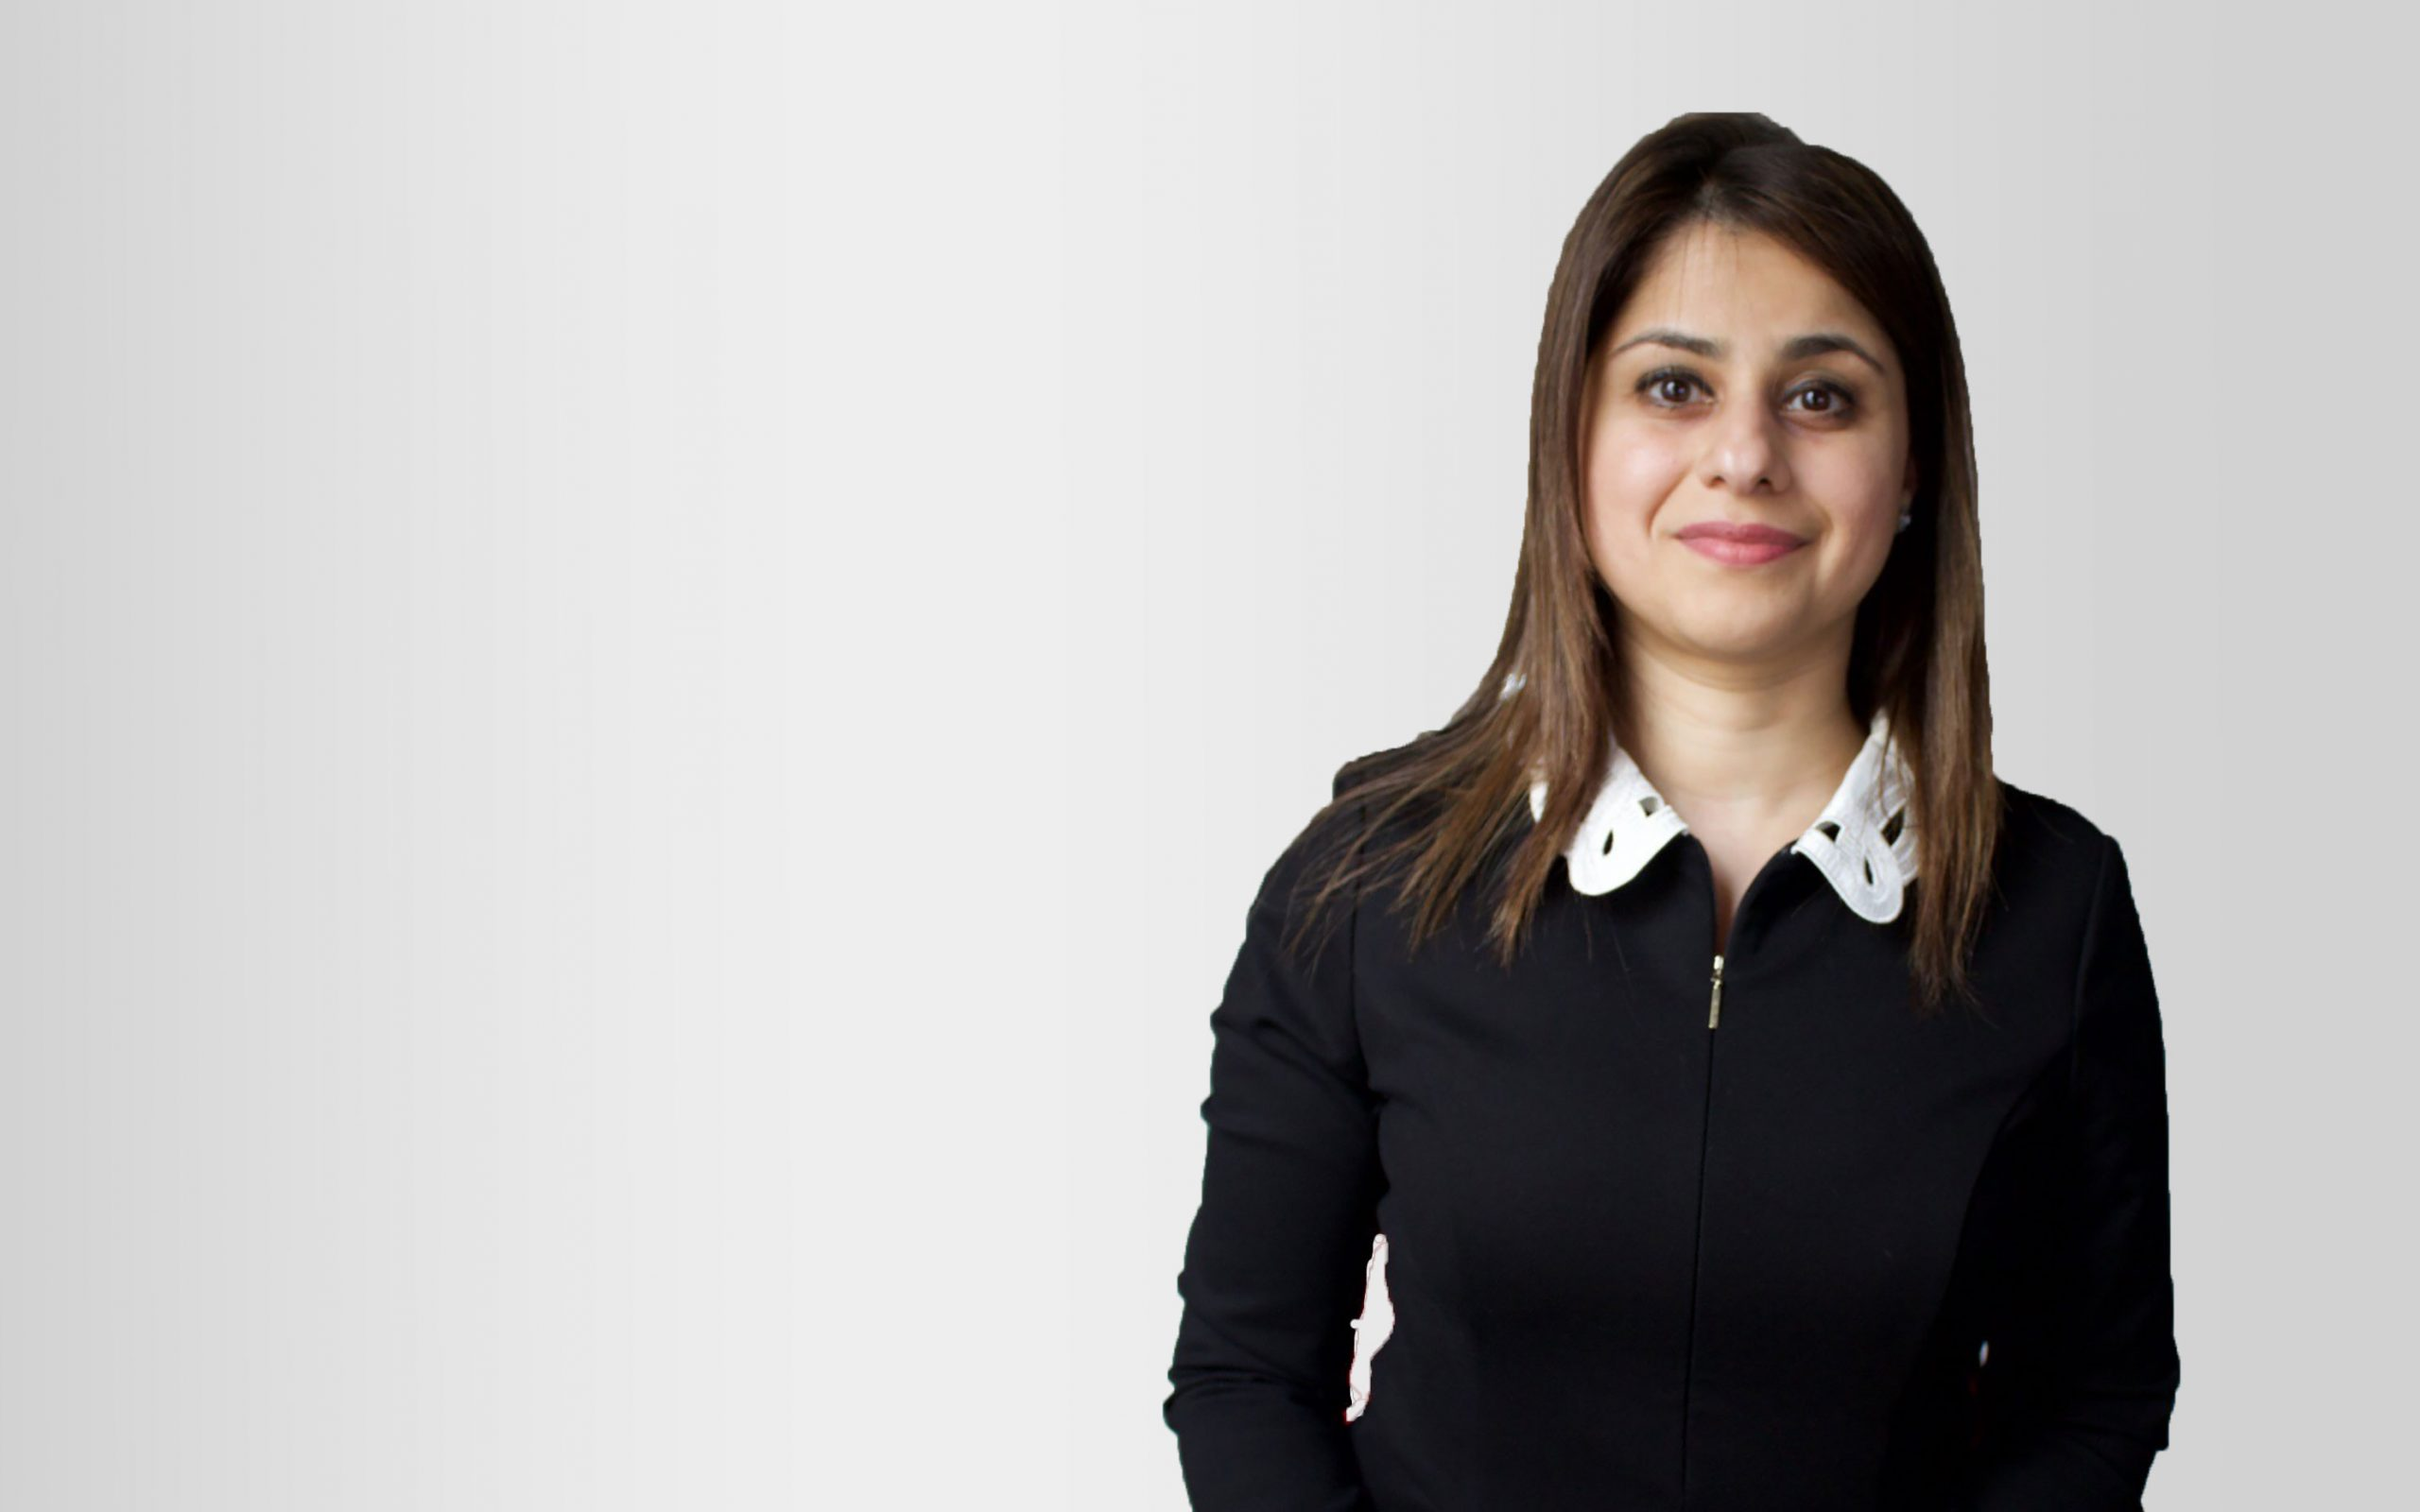 Nazia Rashid